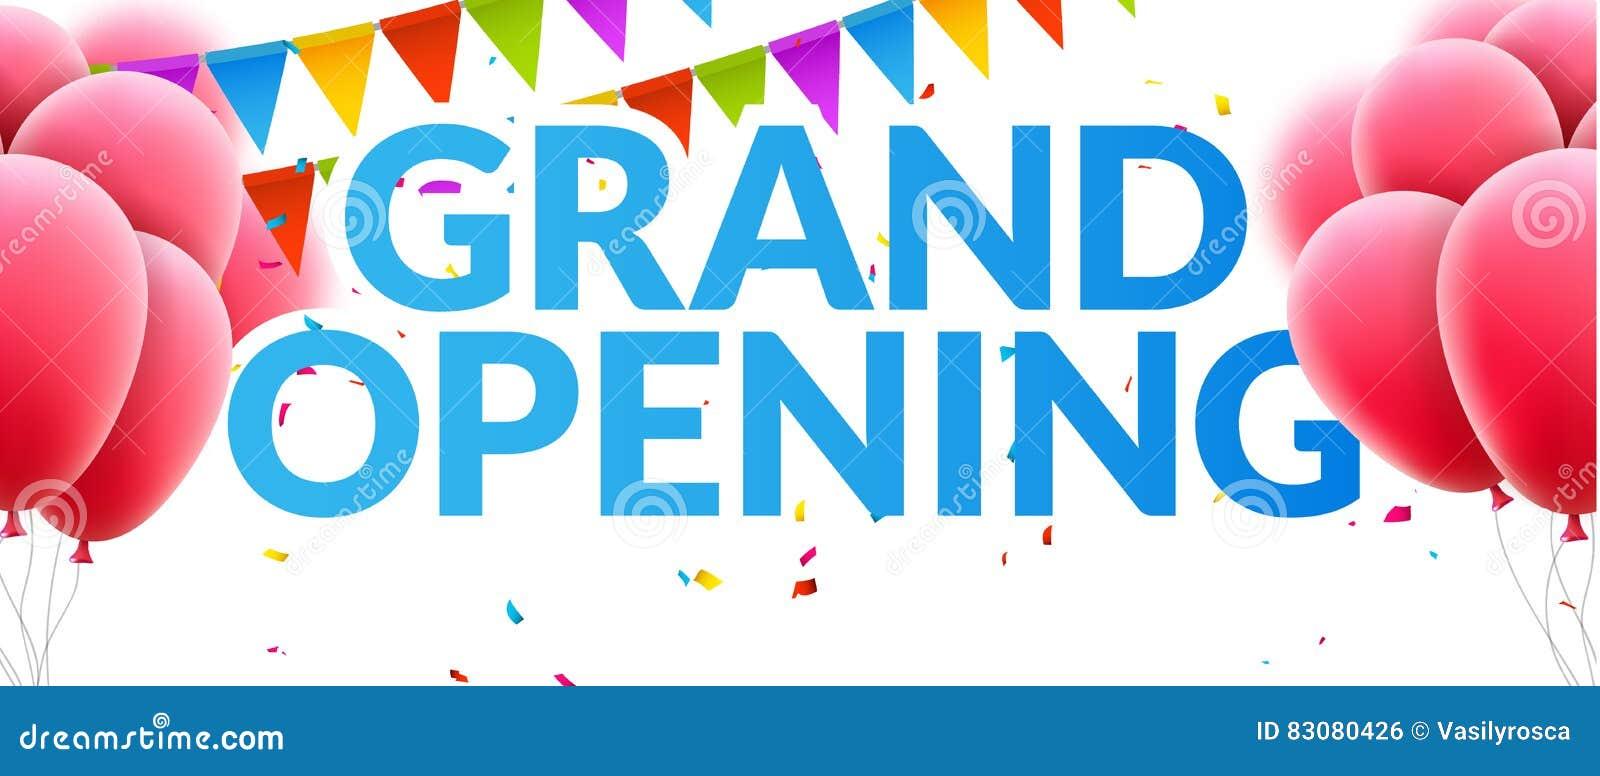 Baner för inbjudan för händelse för storslagen öppning med ballonger och konfettier För affischmall för storslagen öppning design